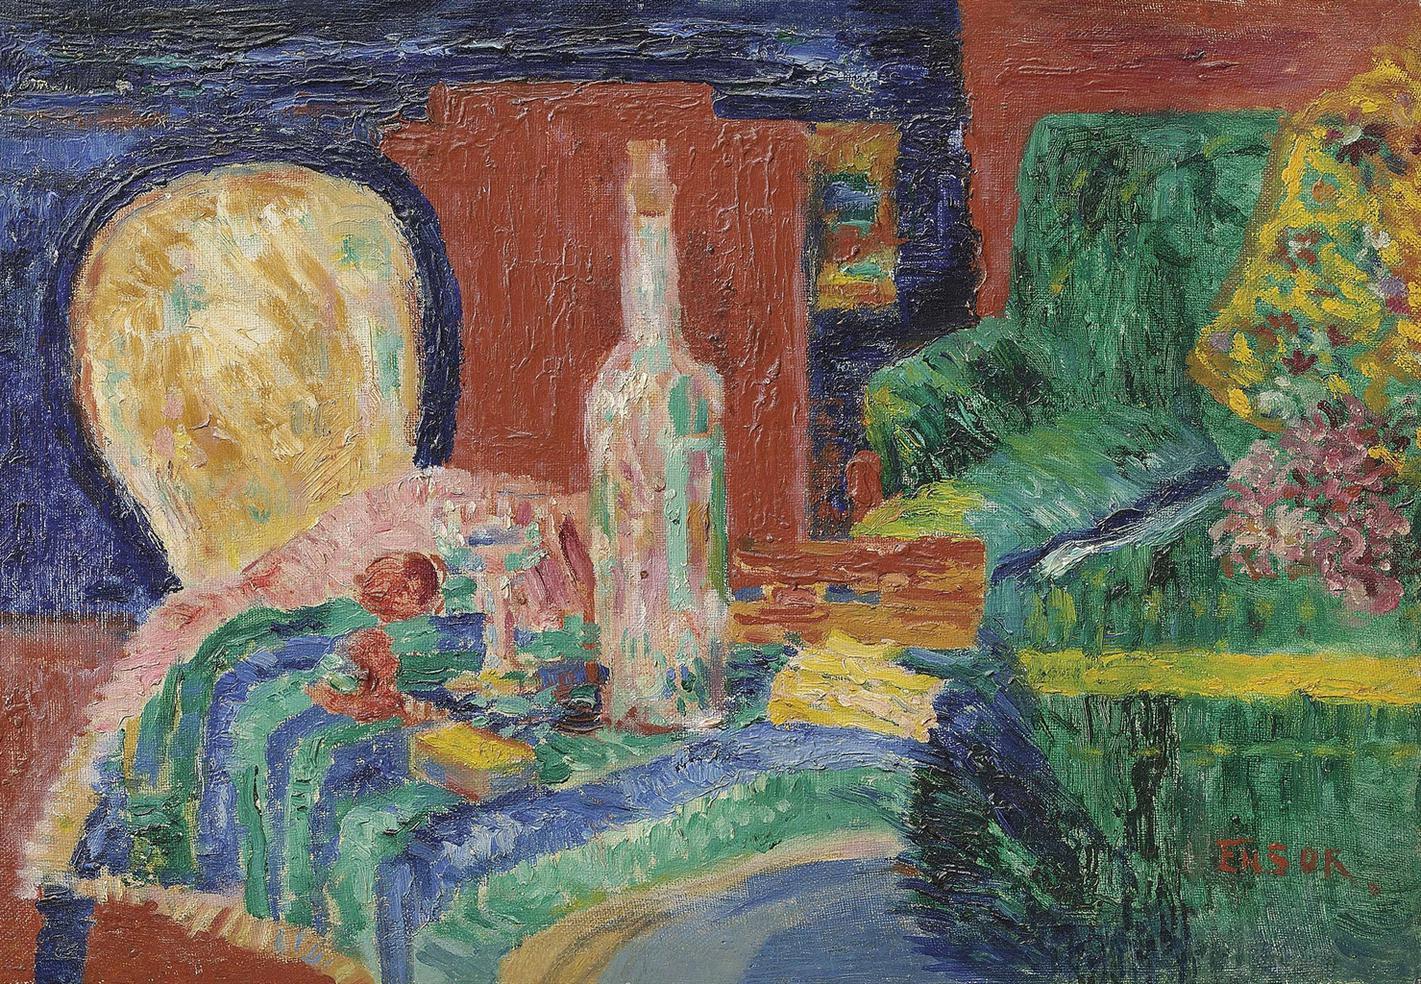 James Ensor-Le Divan Vert (Interieur)-1925